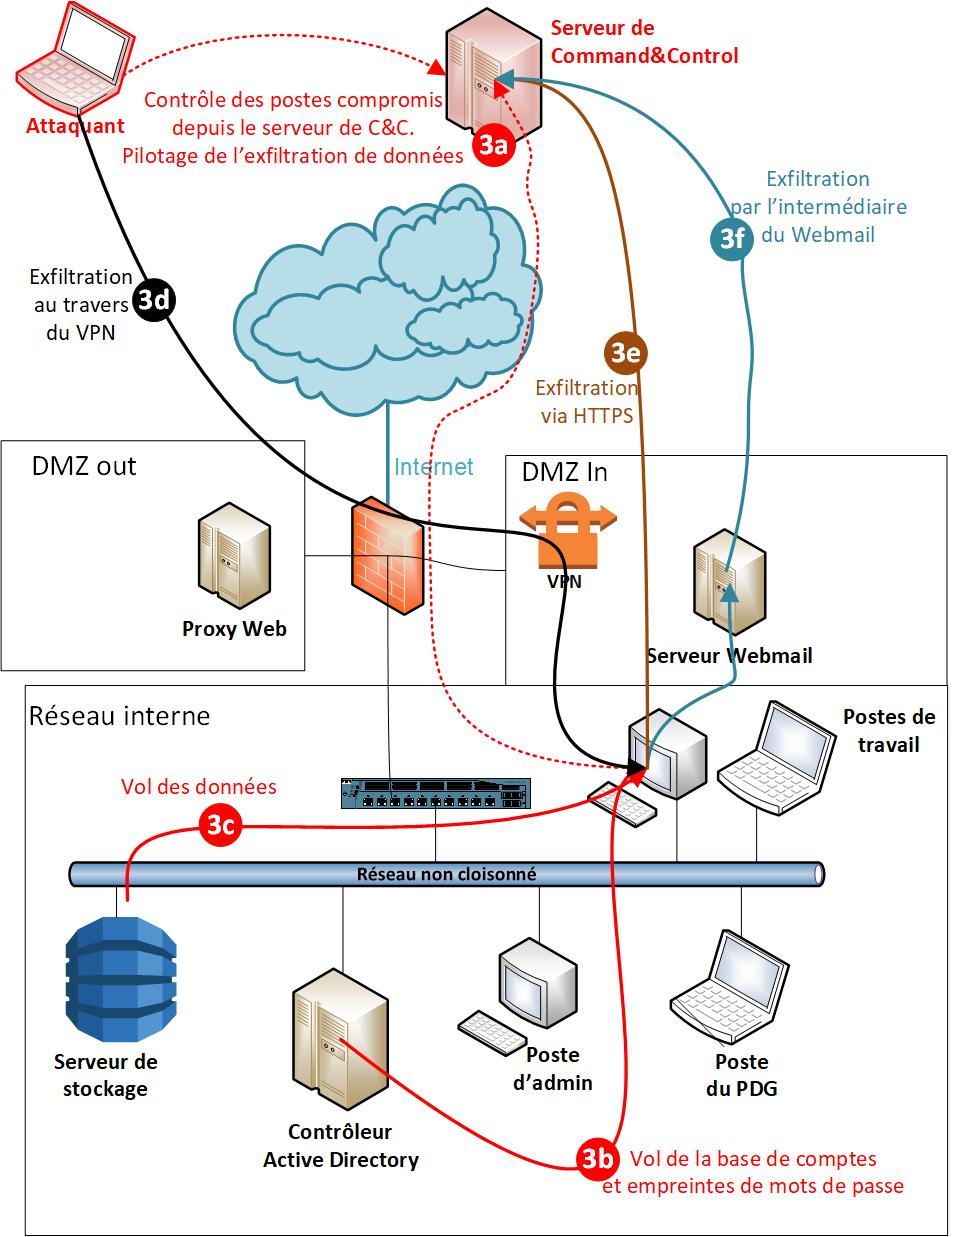 APT - Etape 3 Exfiltration.  3a) Contrôle des postes compromis depuis le serveur de C&C. Pilotage de l'exfiltration de données.  3b) Vol de base de comptes et empreintes de mots de passe.  3c) Vol de données.  3d) Exfiltration au travers du VPN 3e) Exf